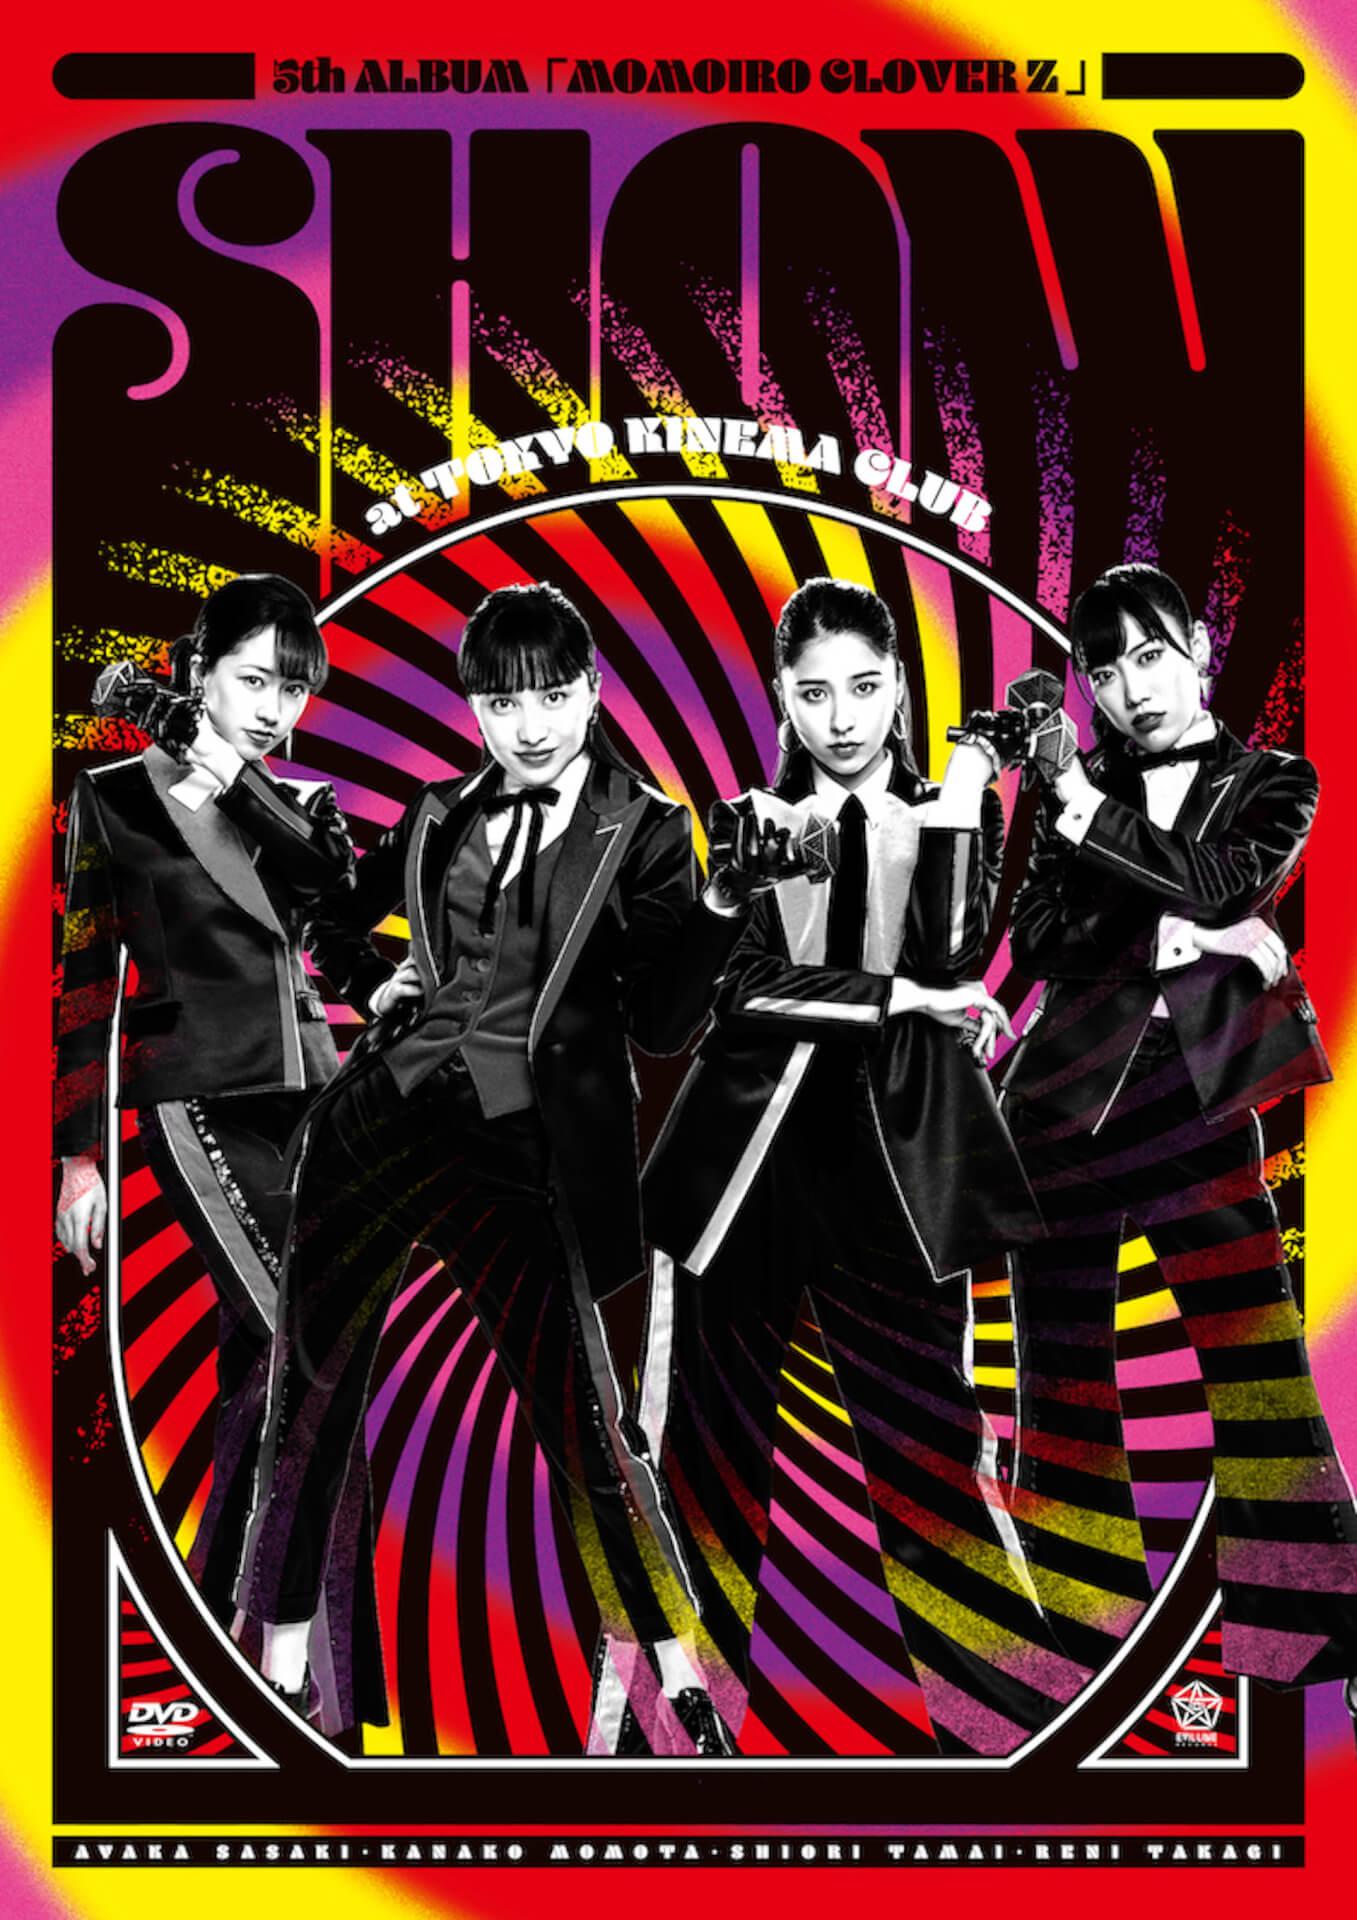 ももクロ、スーツ姿で決めるプレミアムライブのティーザー映像第2弾が解禁!メンバーによるオーディオコメンタリーも収録決定 music191219_momokuro_4